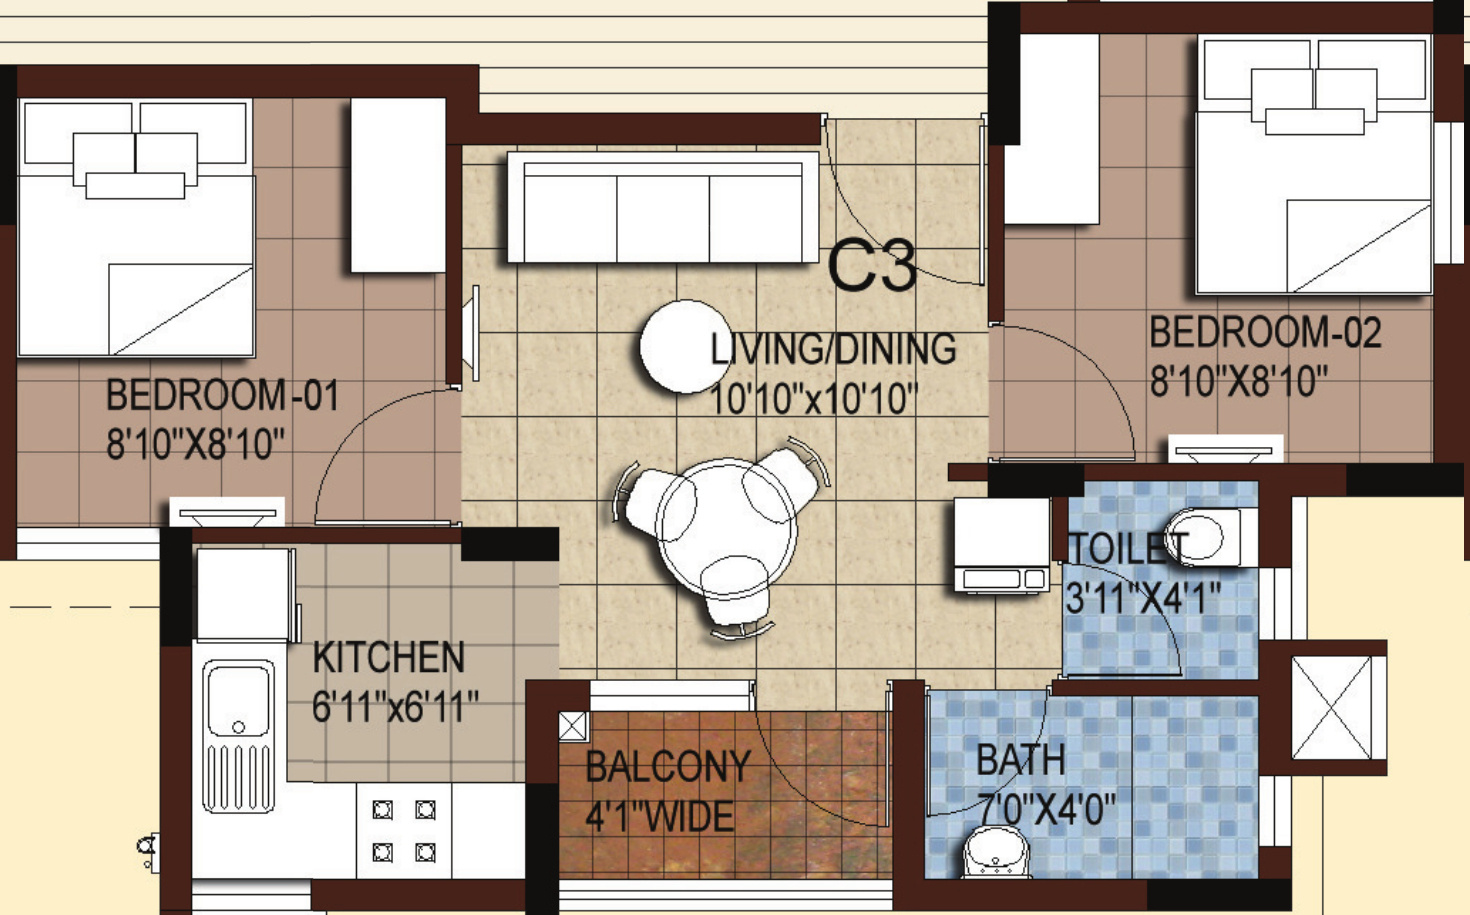 Akshaya Tango Compact Homes in Thoraipakkam OMR Chennai Price